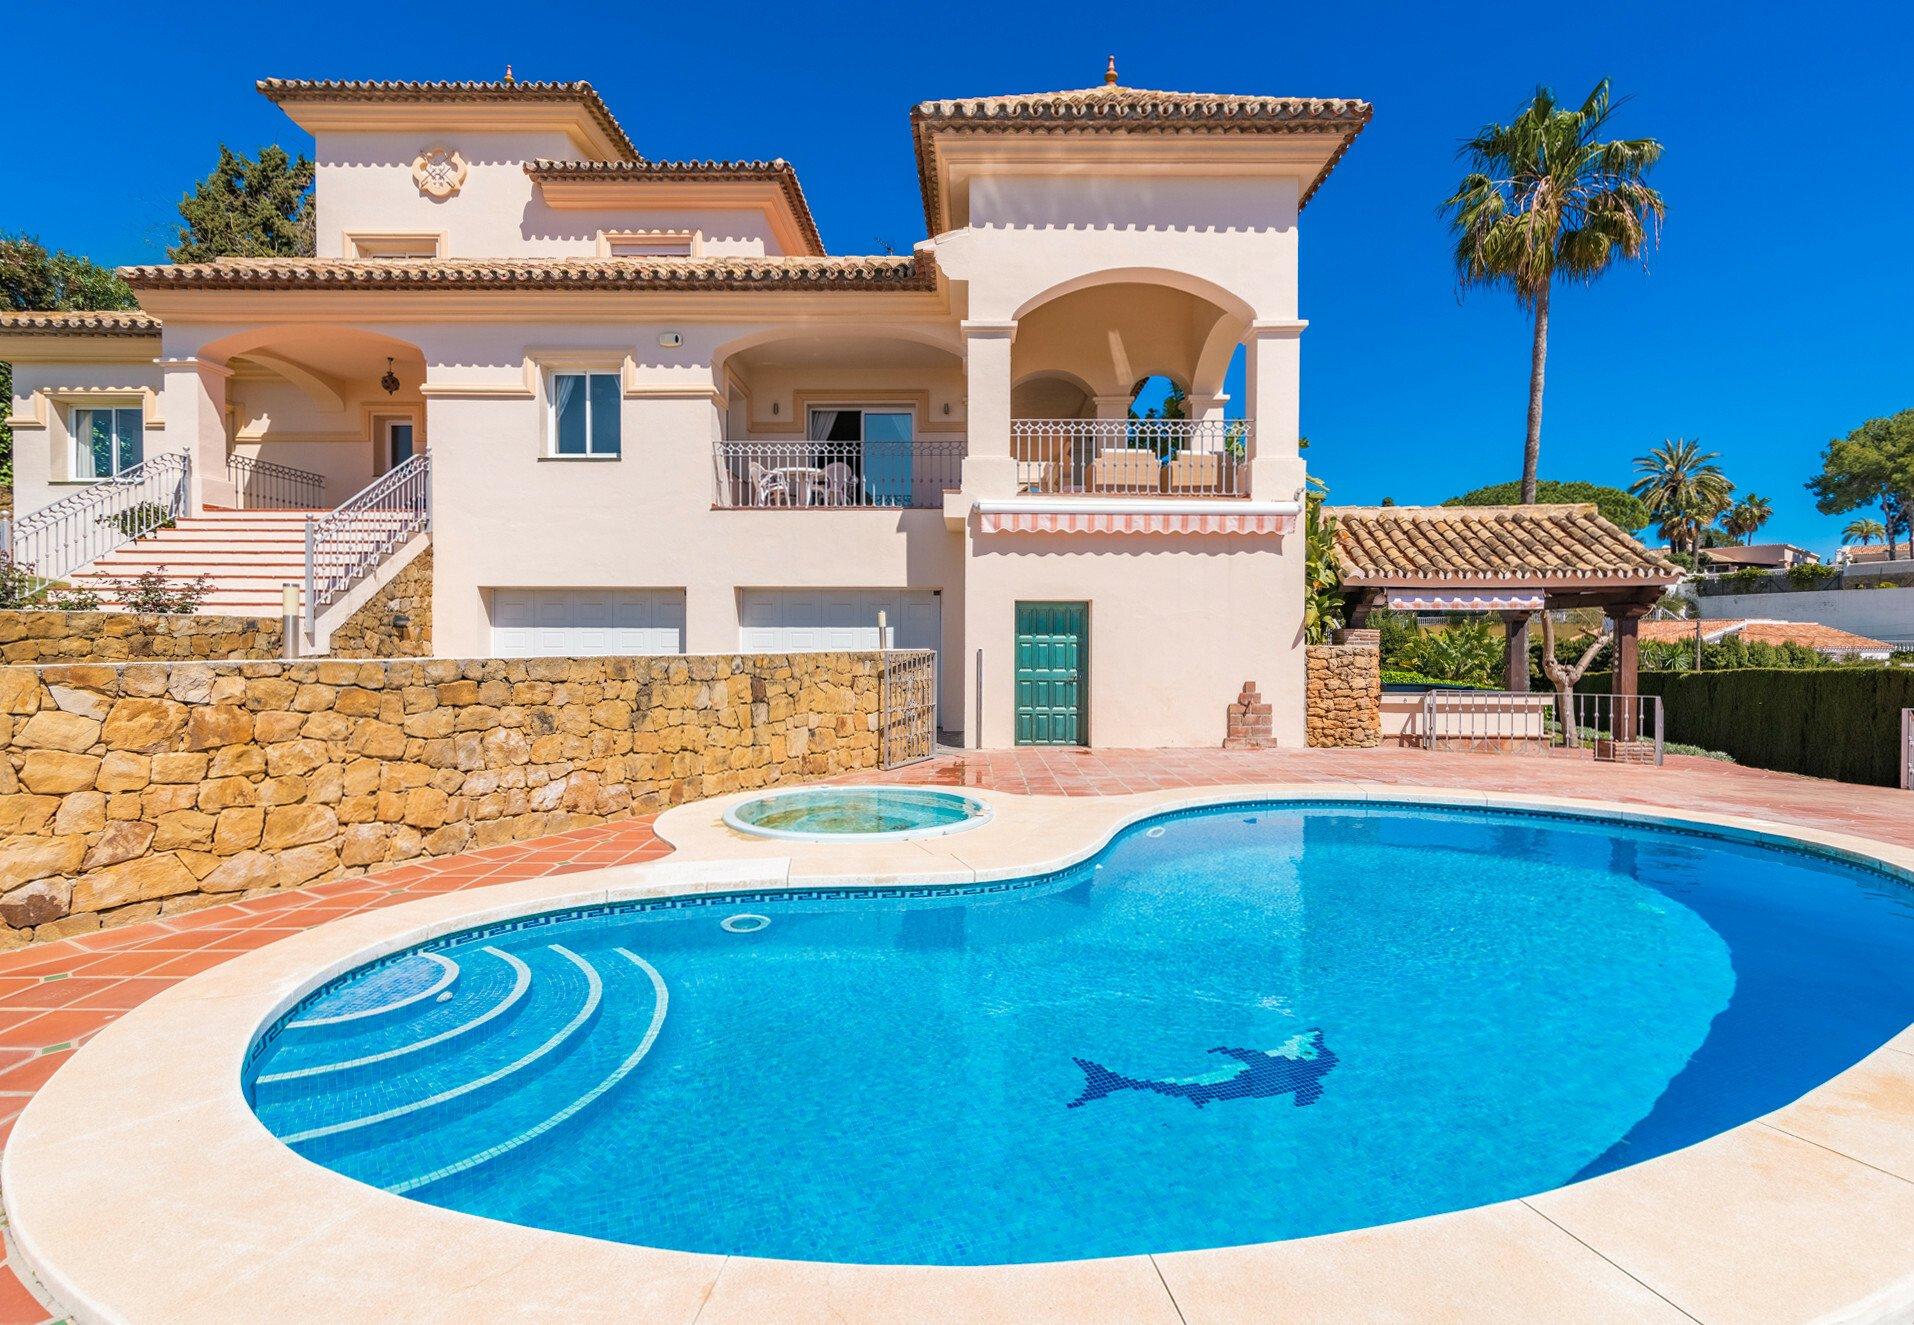 Villa in Marbella, Andalusia, Spain 1 - 11498087